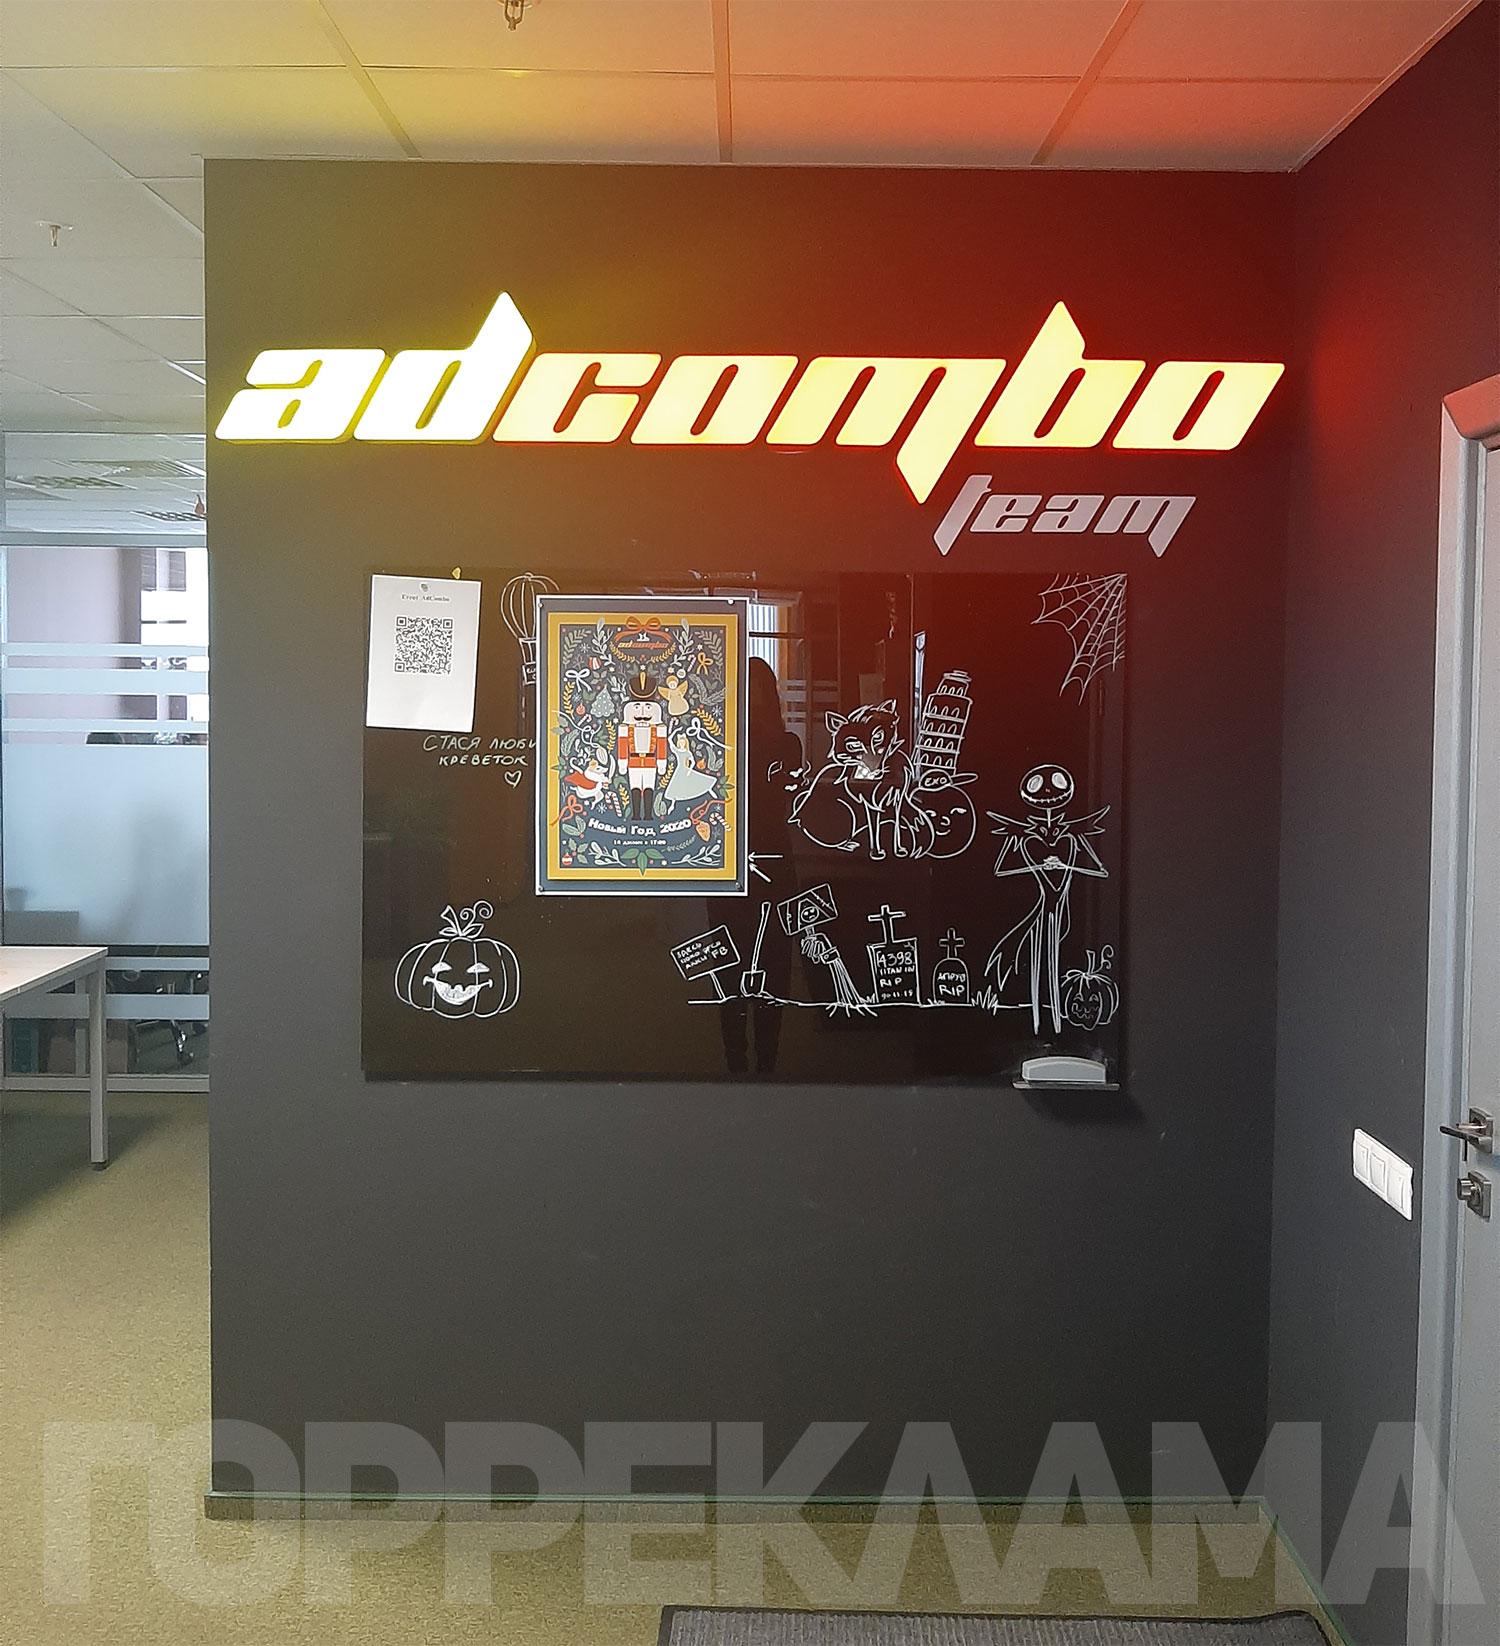 объемные-световые-буквы-ADCOMBO-Воронеж